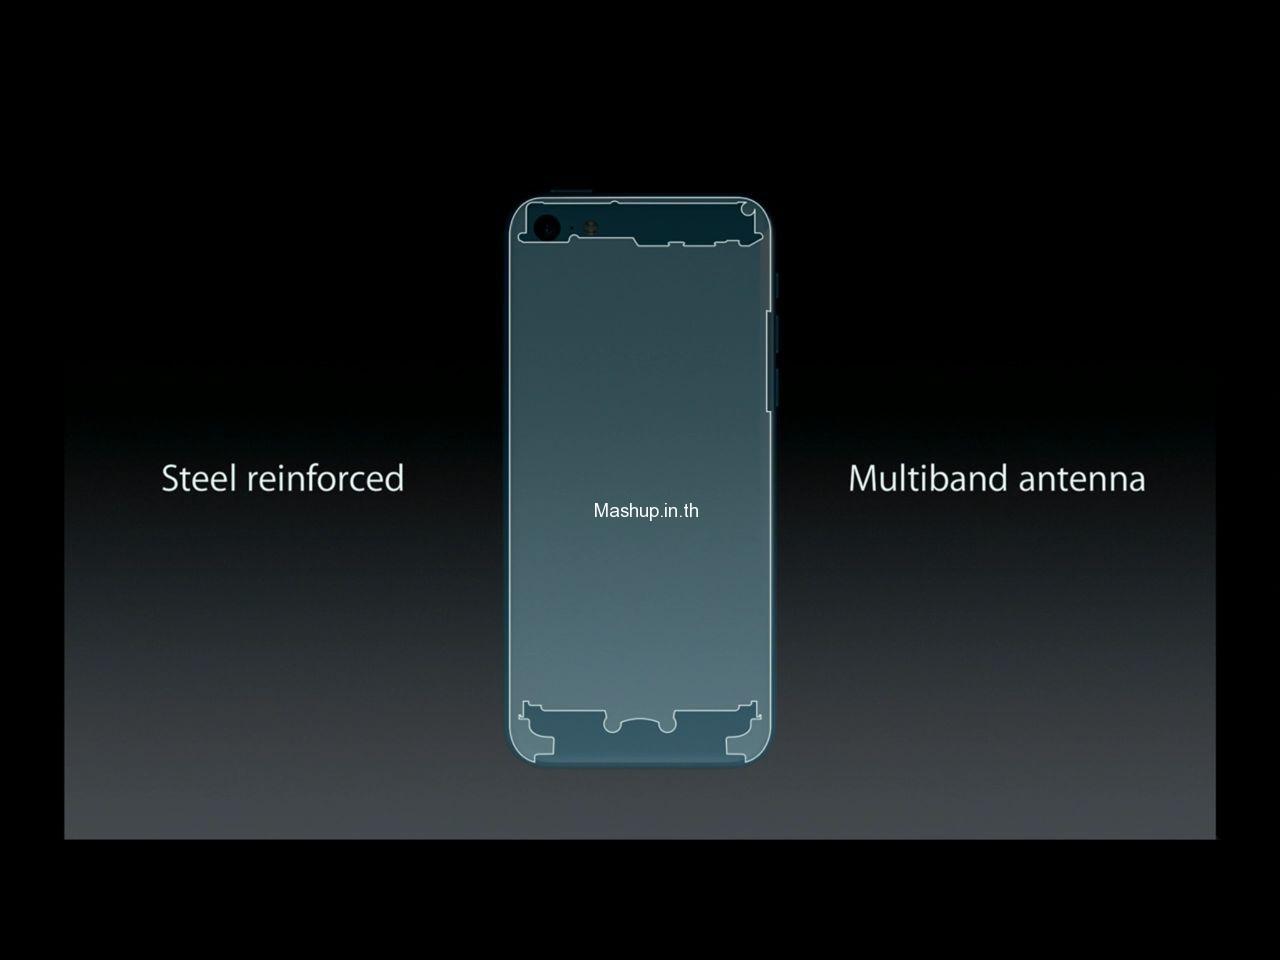 ด้านใน ของ iPhone 5C ก็ยังเป็นเหล็กนะ